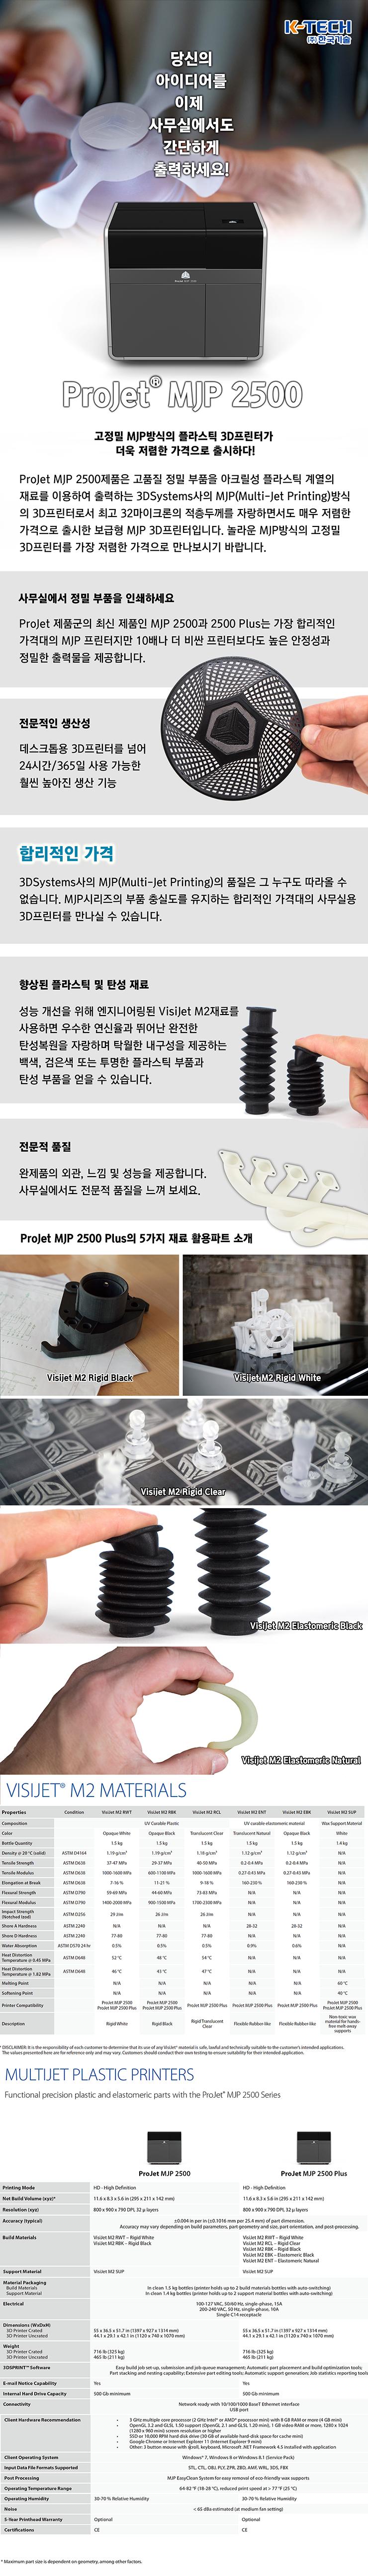 [2016 신제품 출시] 고정밀 MJP방식의 플라스틱 3D프린터 저렴한 가격